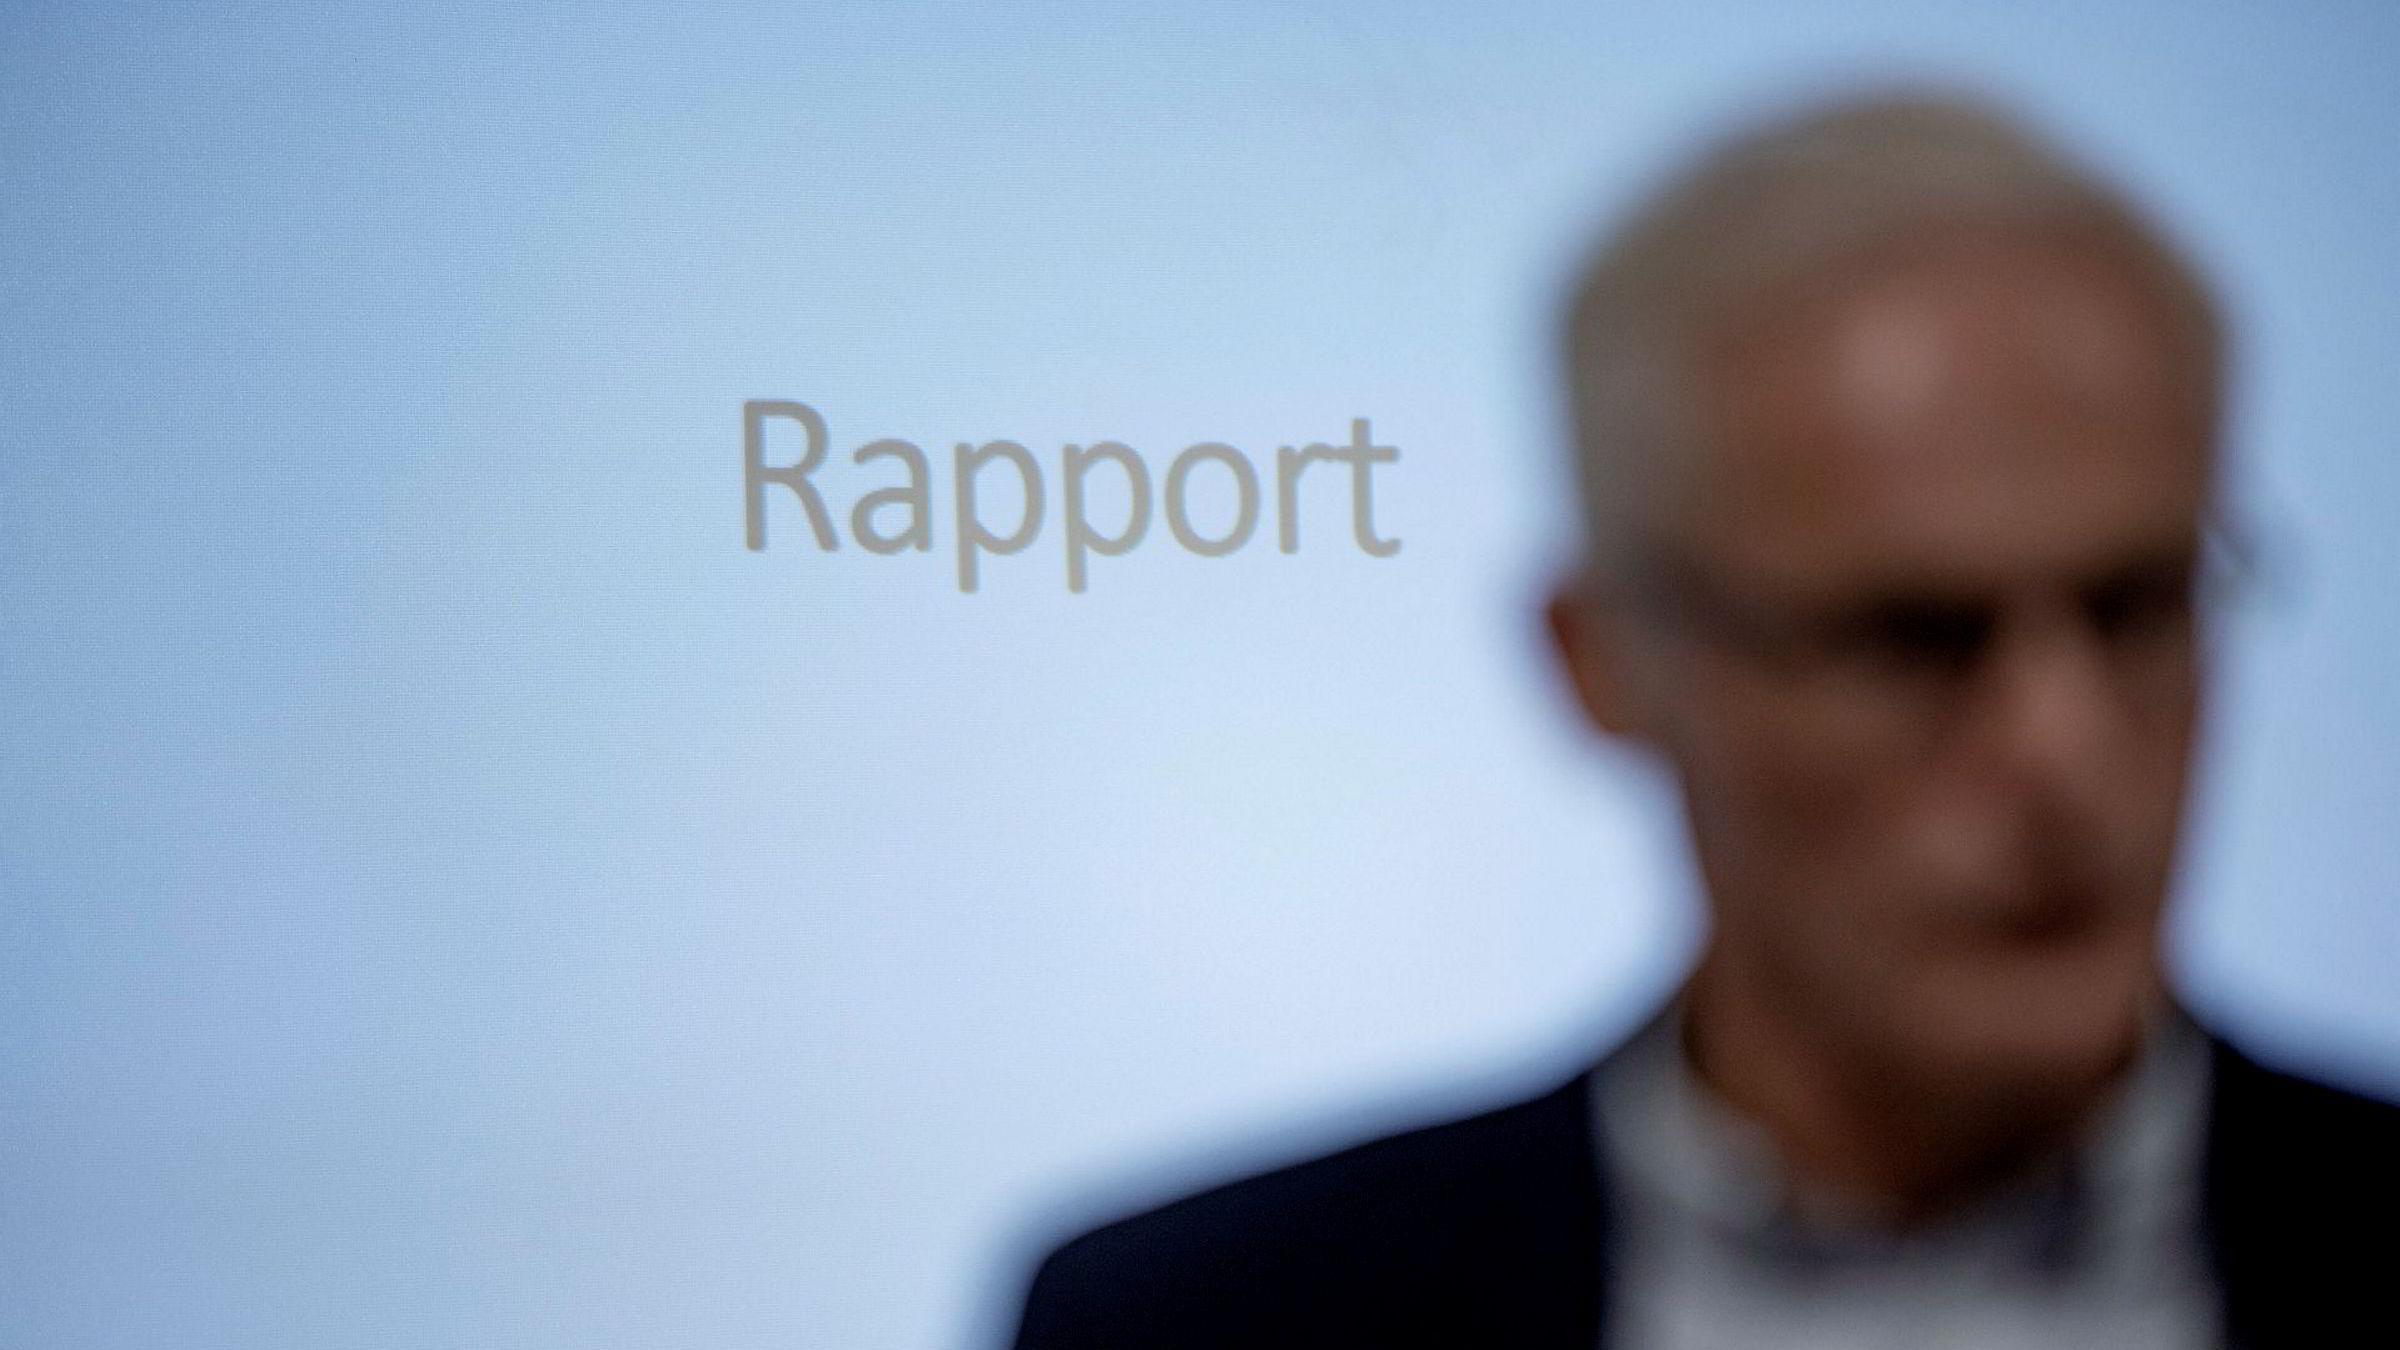 Konkurransetilsynet avholdt pressekonferanse etter razziaene mot dagligvarehandelen. Her er Konkurransedirektør Lars Sørgard avbildet.